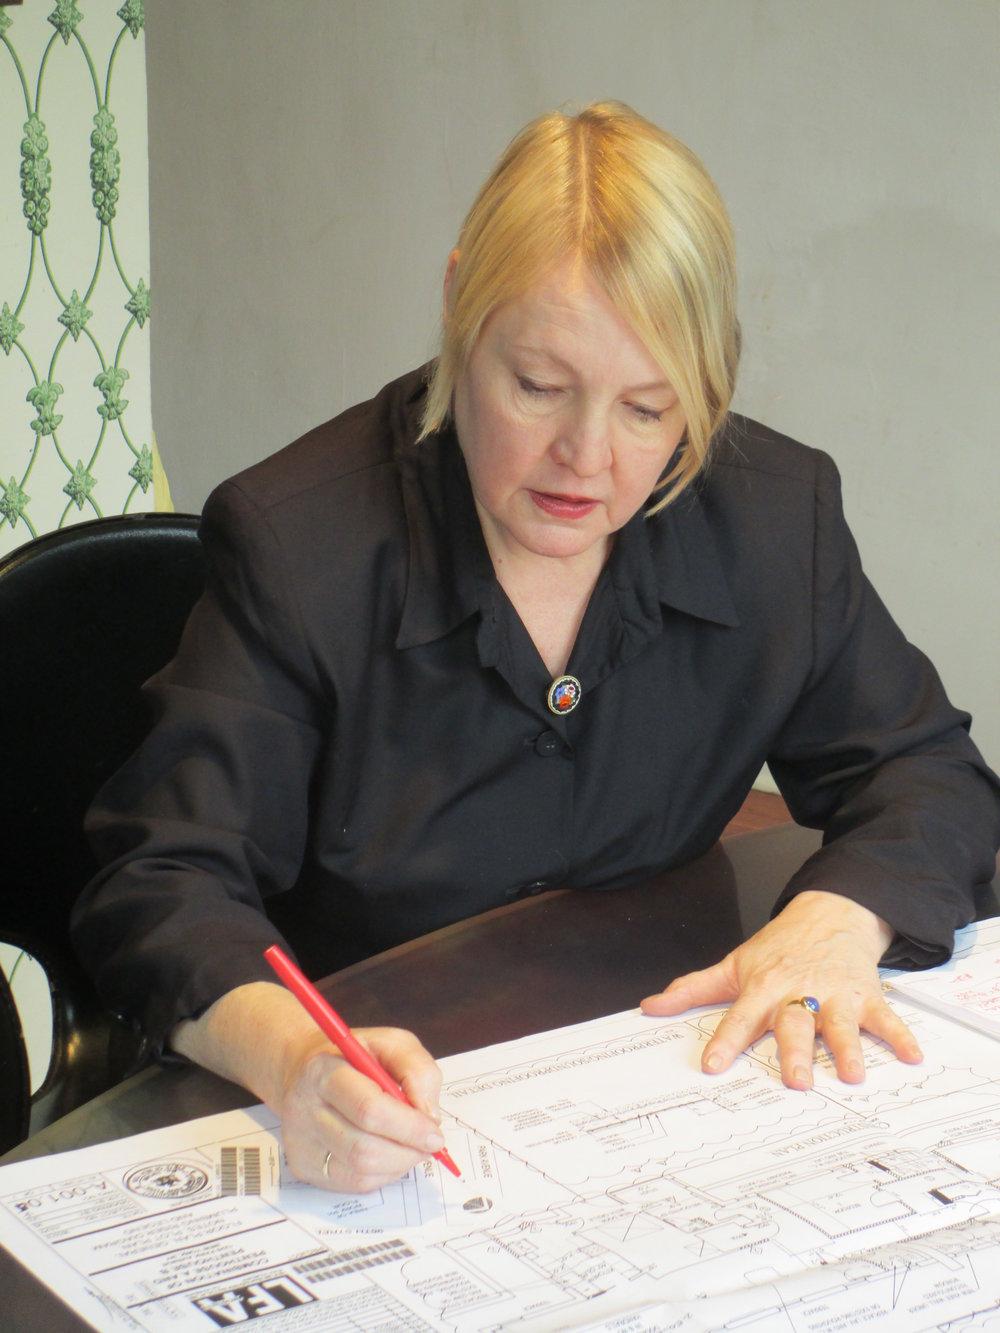 Pic of Lynne 2013.jpg